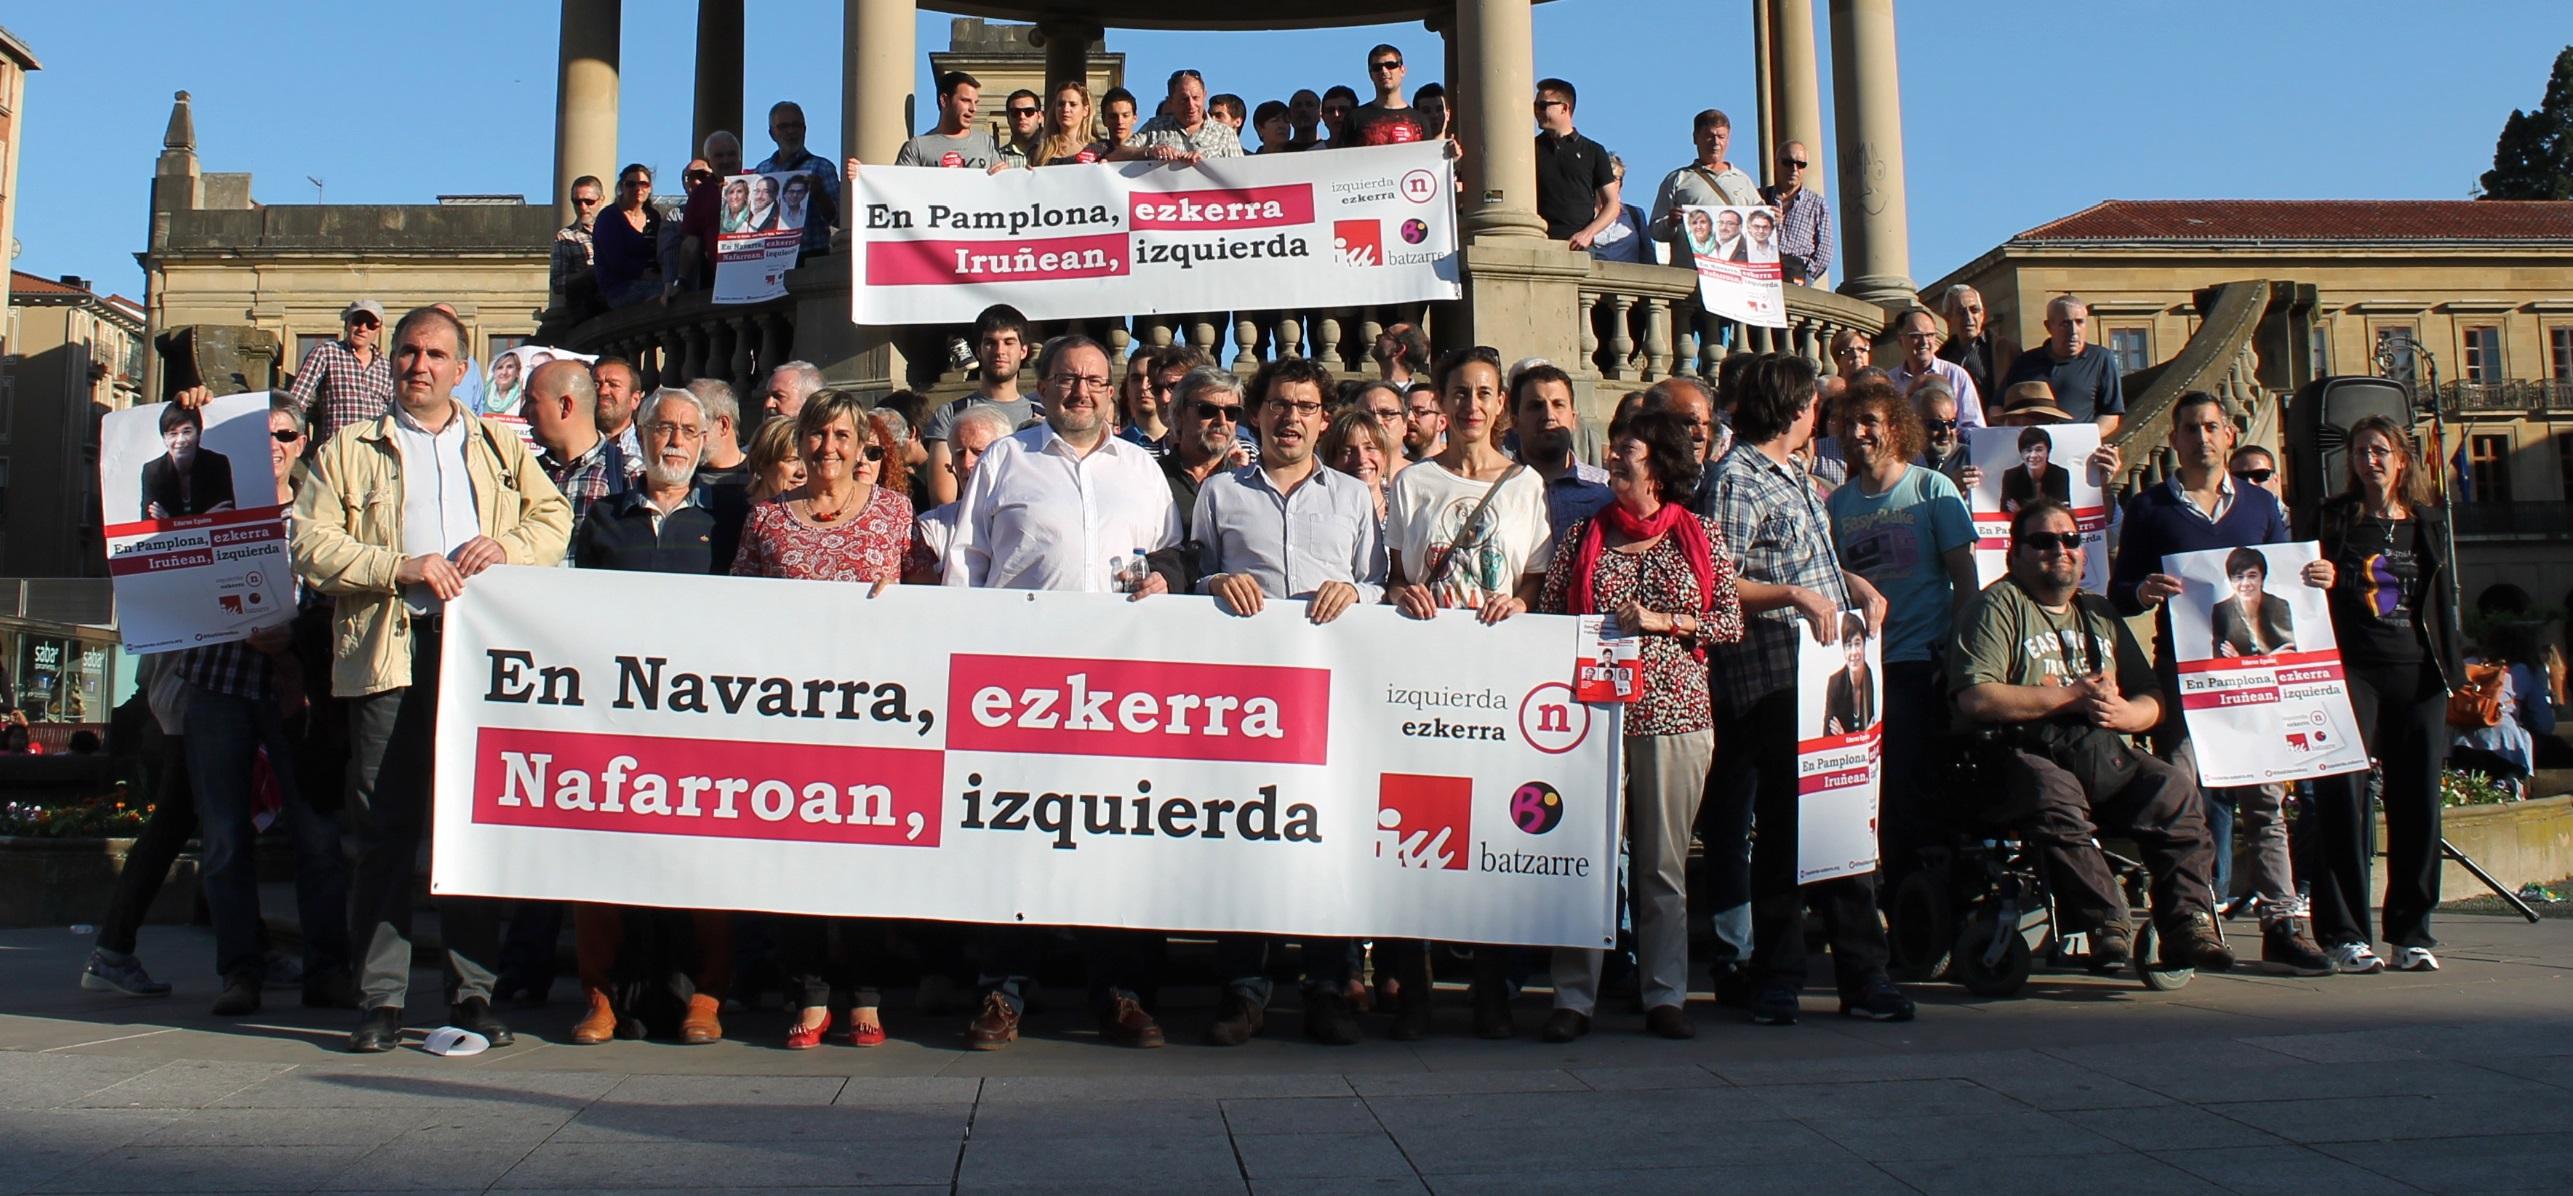 Acto de arranque de campaña de Izquierda-Ezkerra